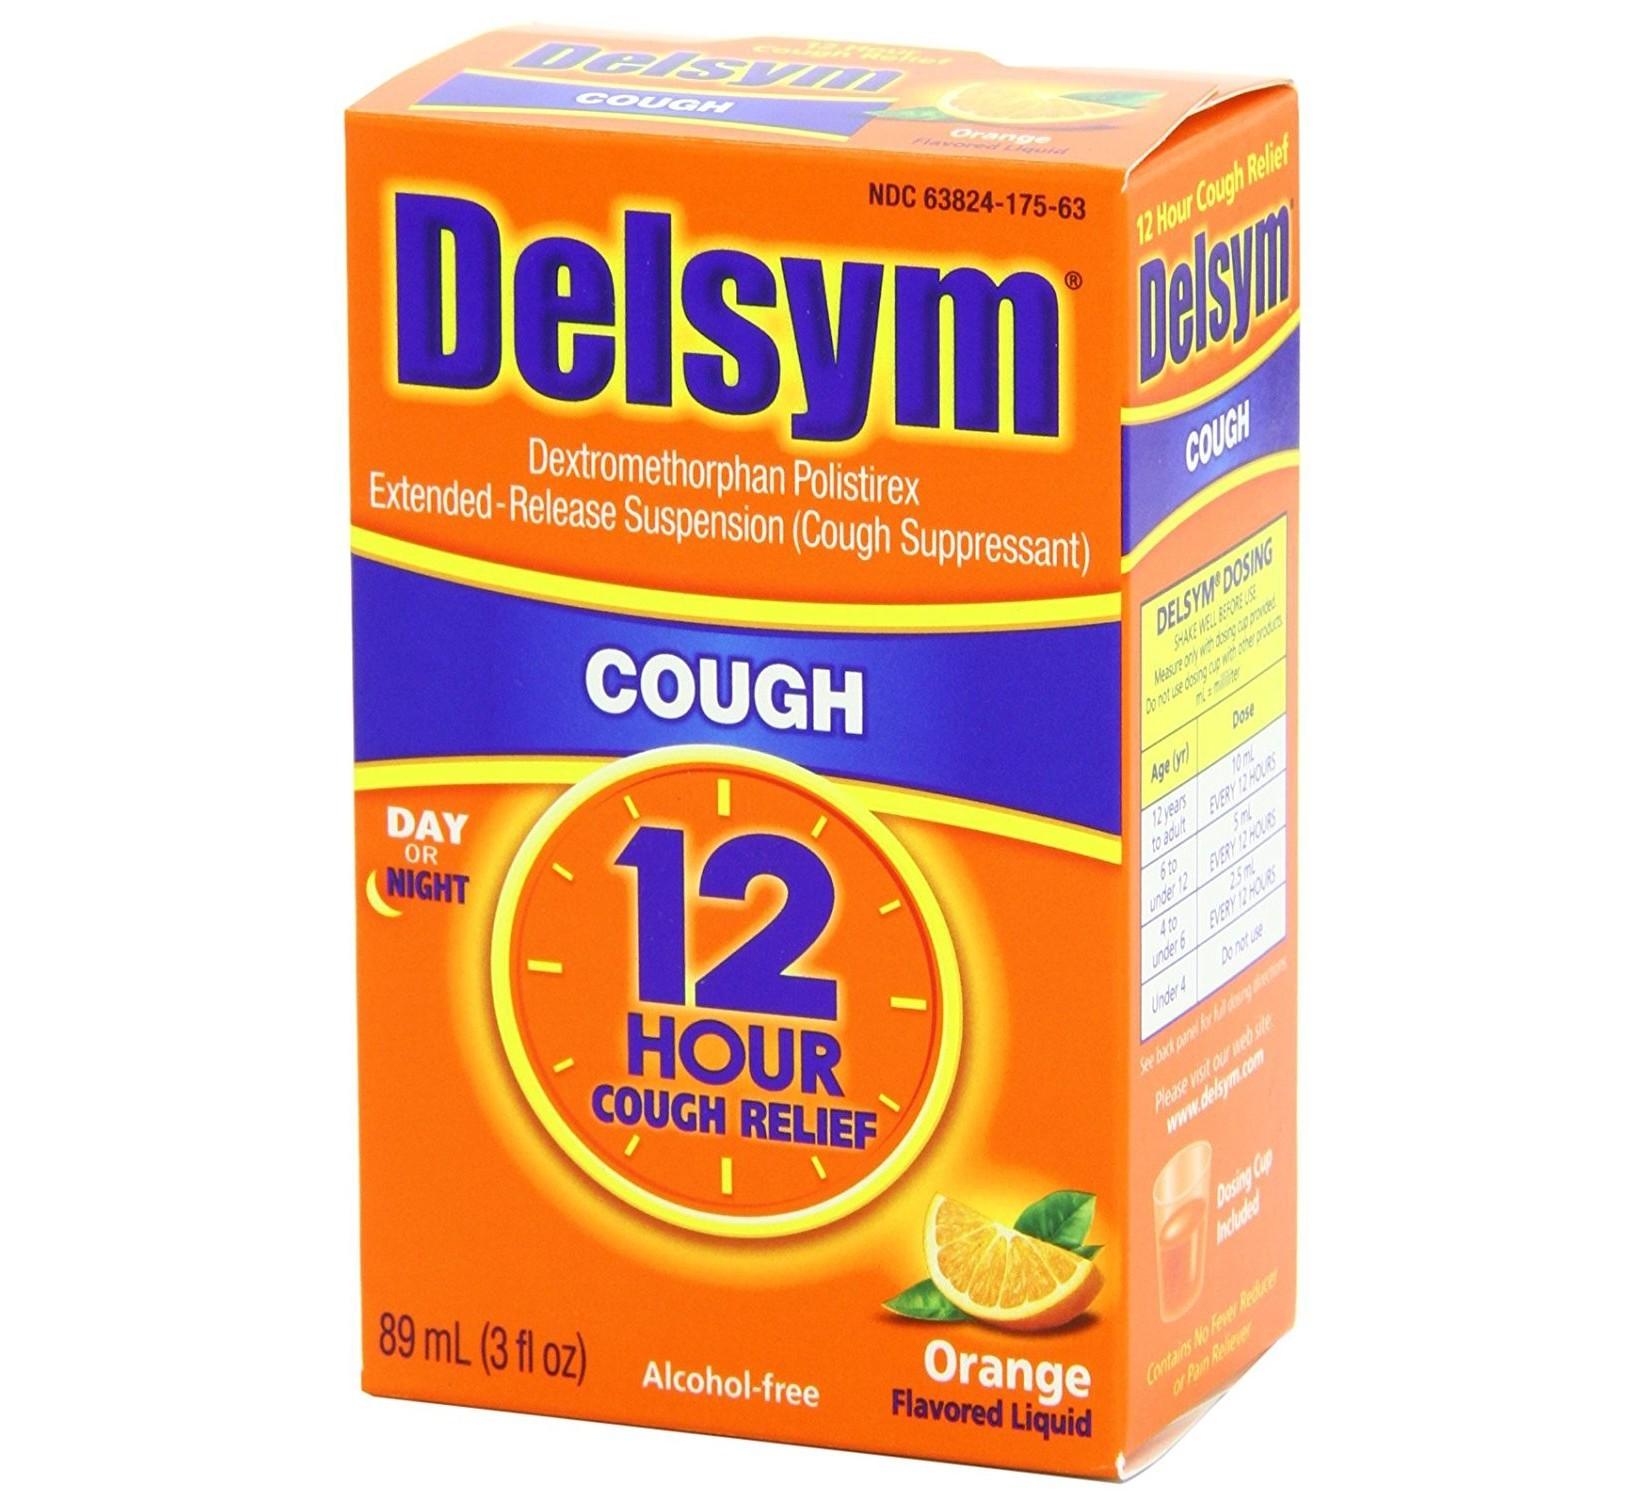 Delsym Cough Medicine 3oz